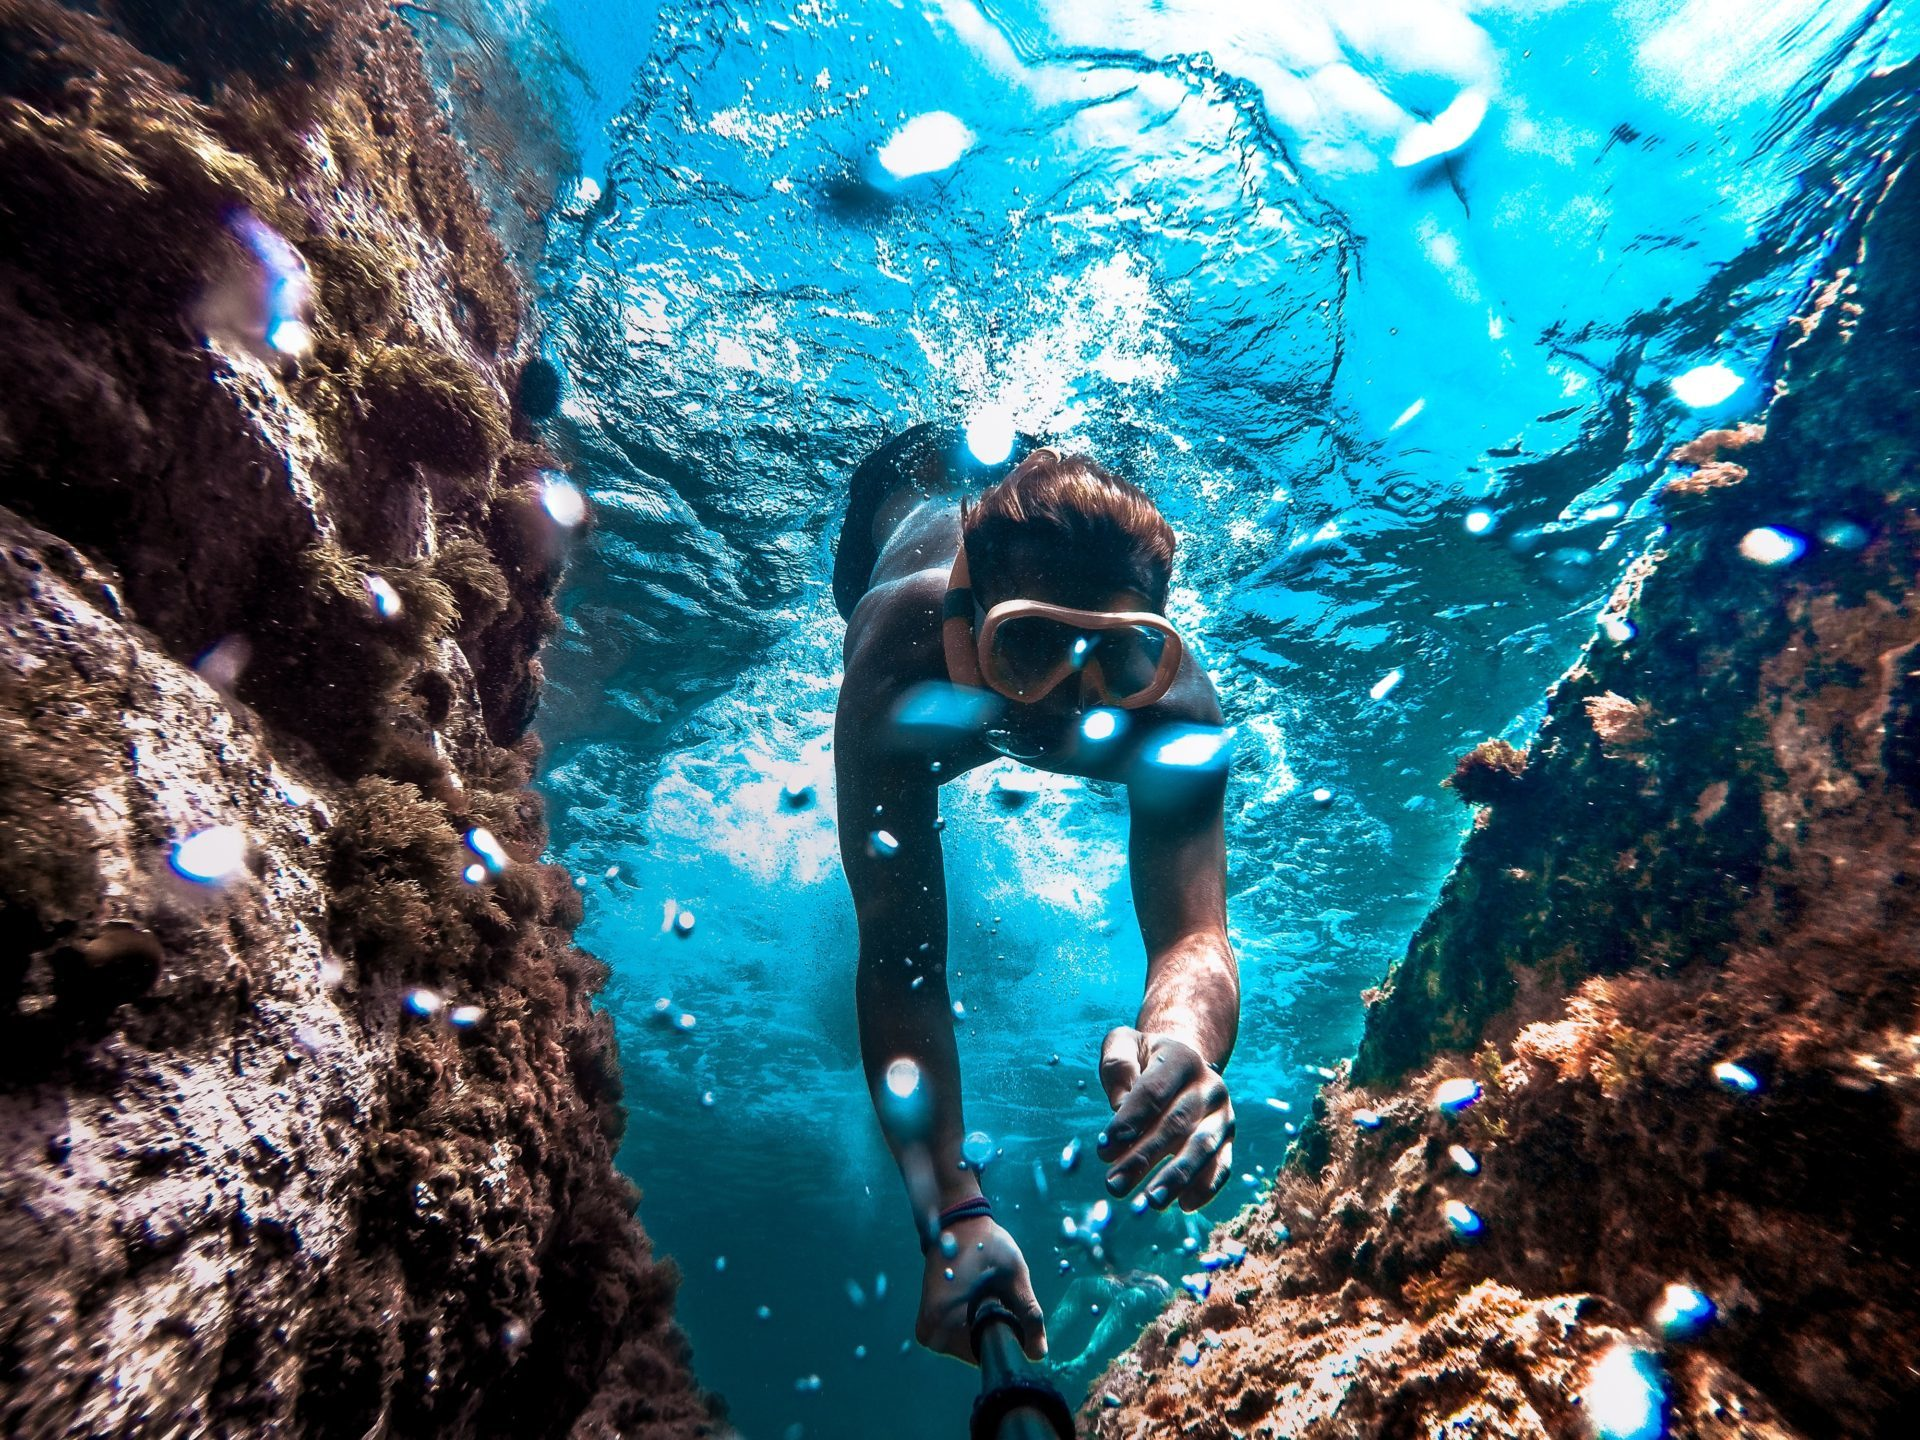 Snorkeler Diving Underwater